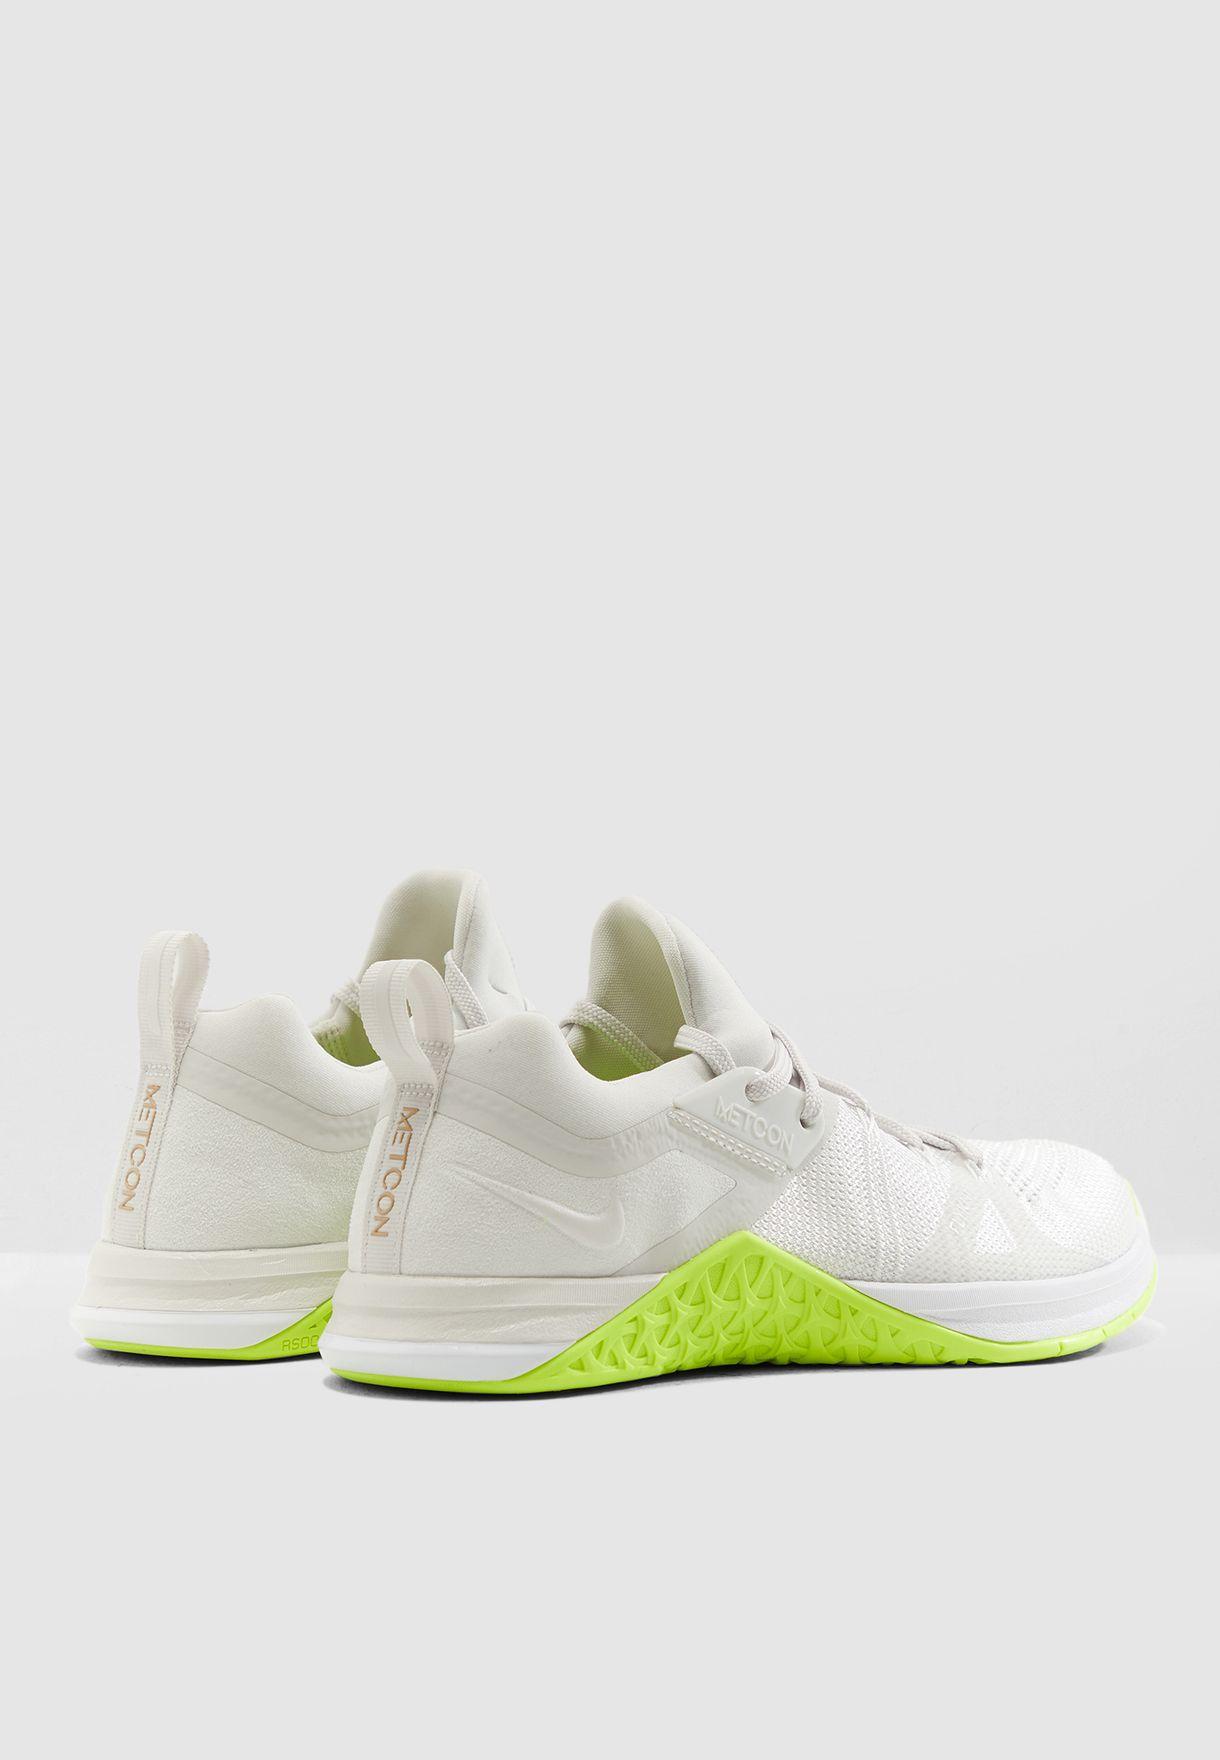 4c57902f8f98 Shop Nike grey Metcon Flyknit 3 AR5623-117 for Women in UAE ...